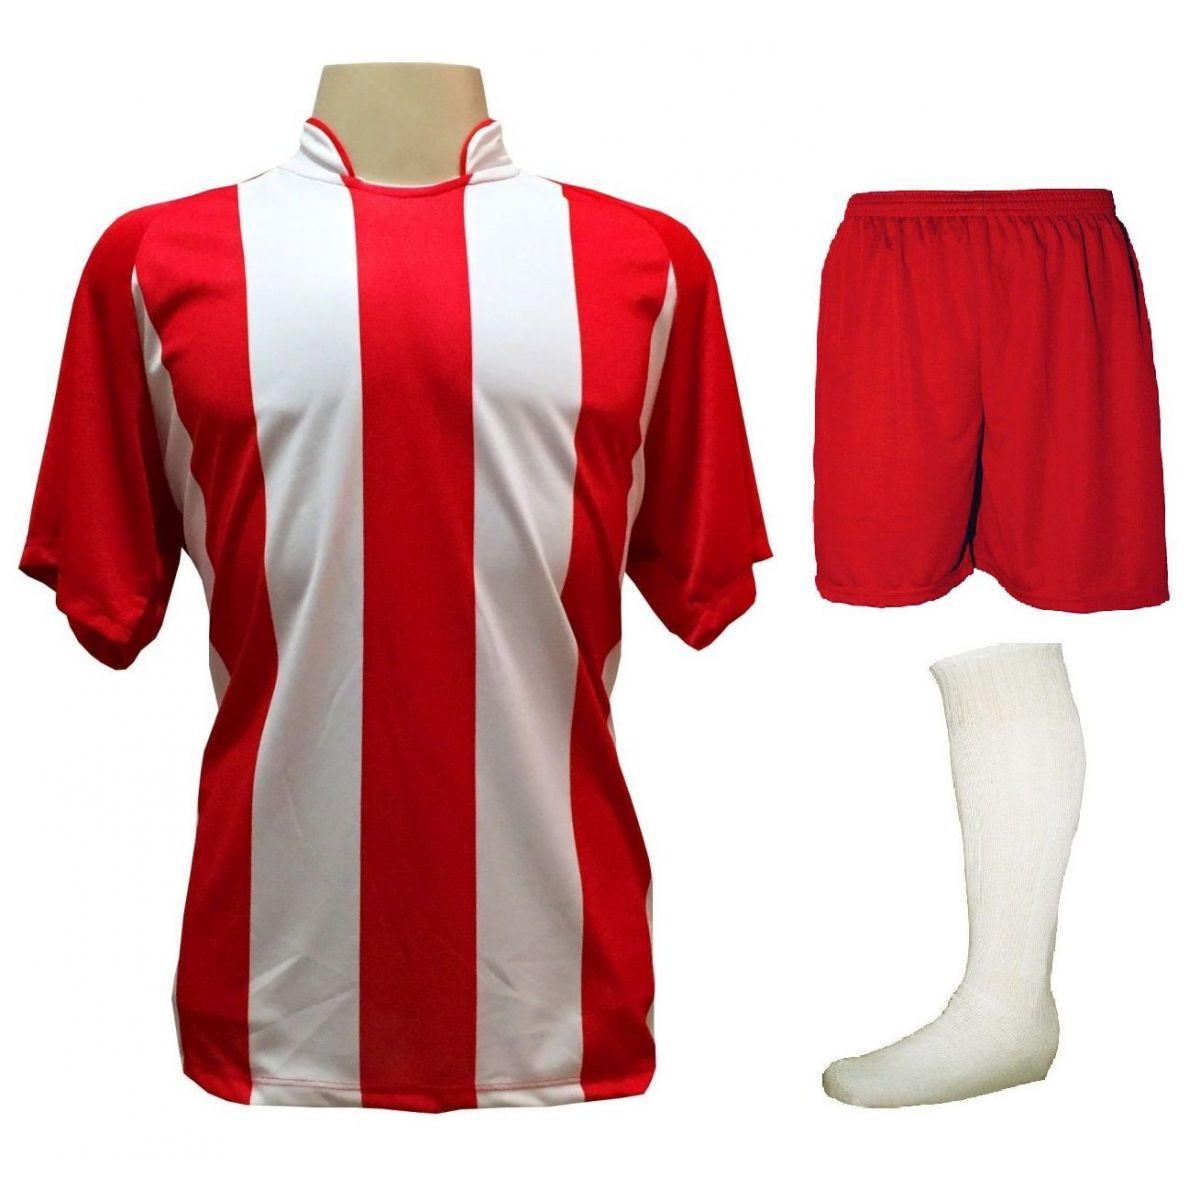 Uniforme Esportivo com 18 camisas modelo Milan Vermelho/Branco + 18 calções modelo Madrid Vermelho + 18 pares de meiões Branco